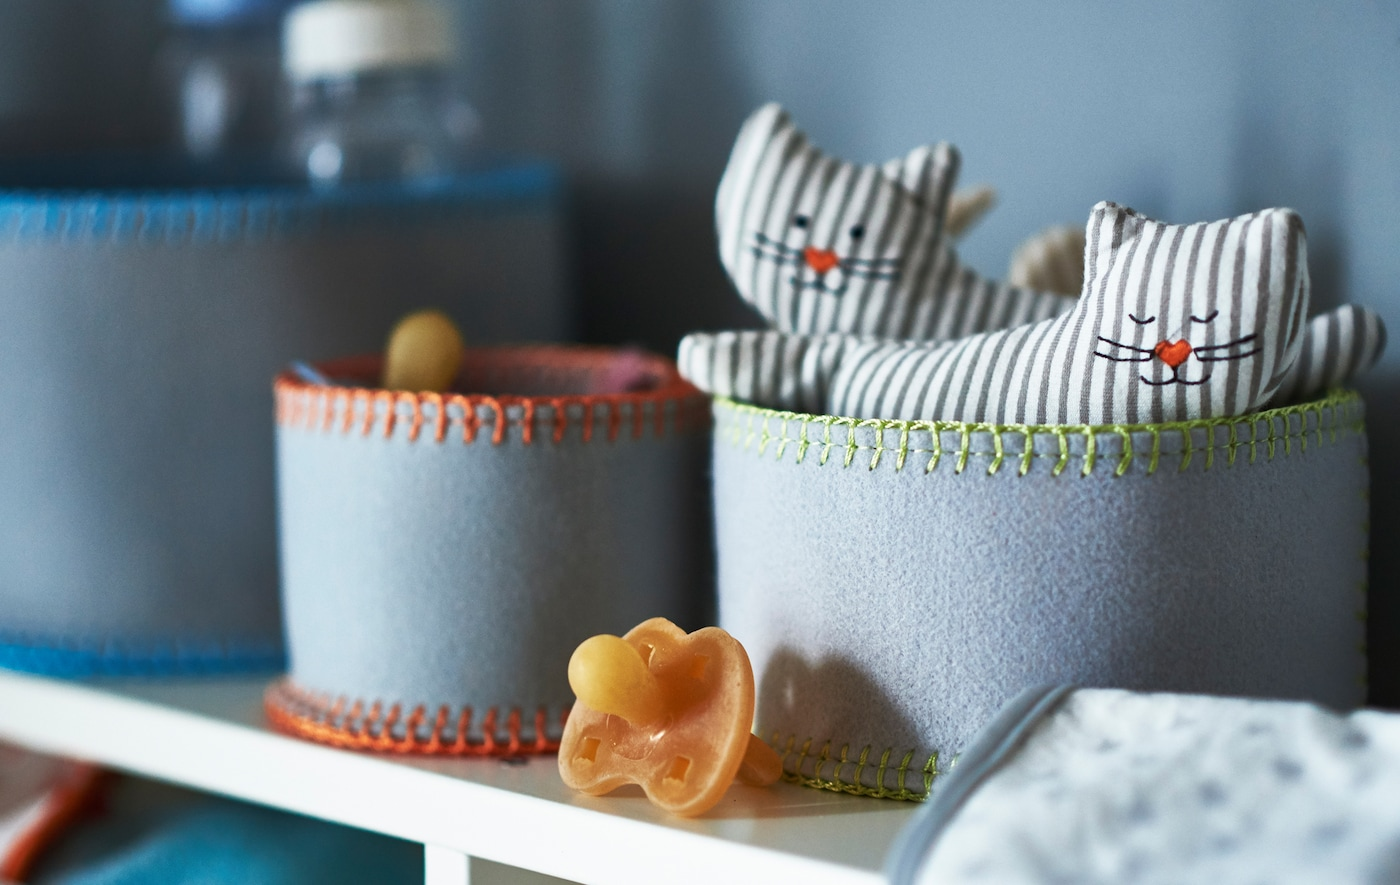 Gros plan de rangements en feutrine pour les affaires de bébé, telles que sucettes et hochets en forme de chat